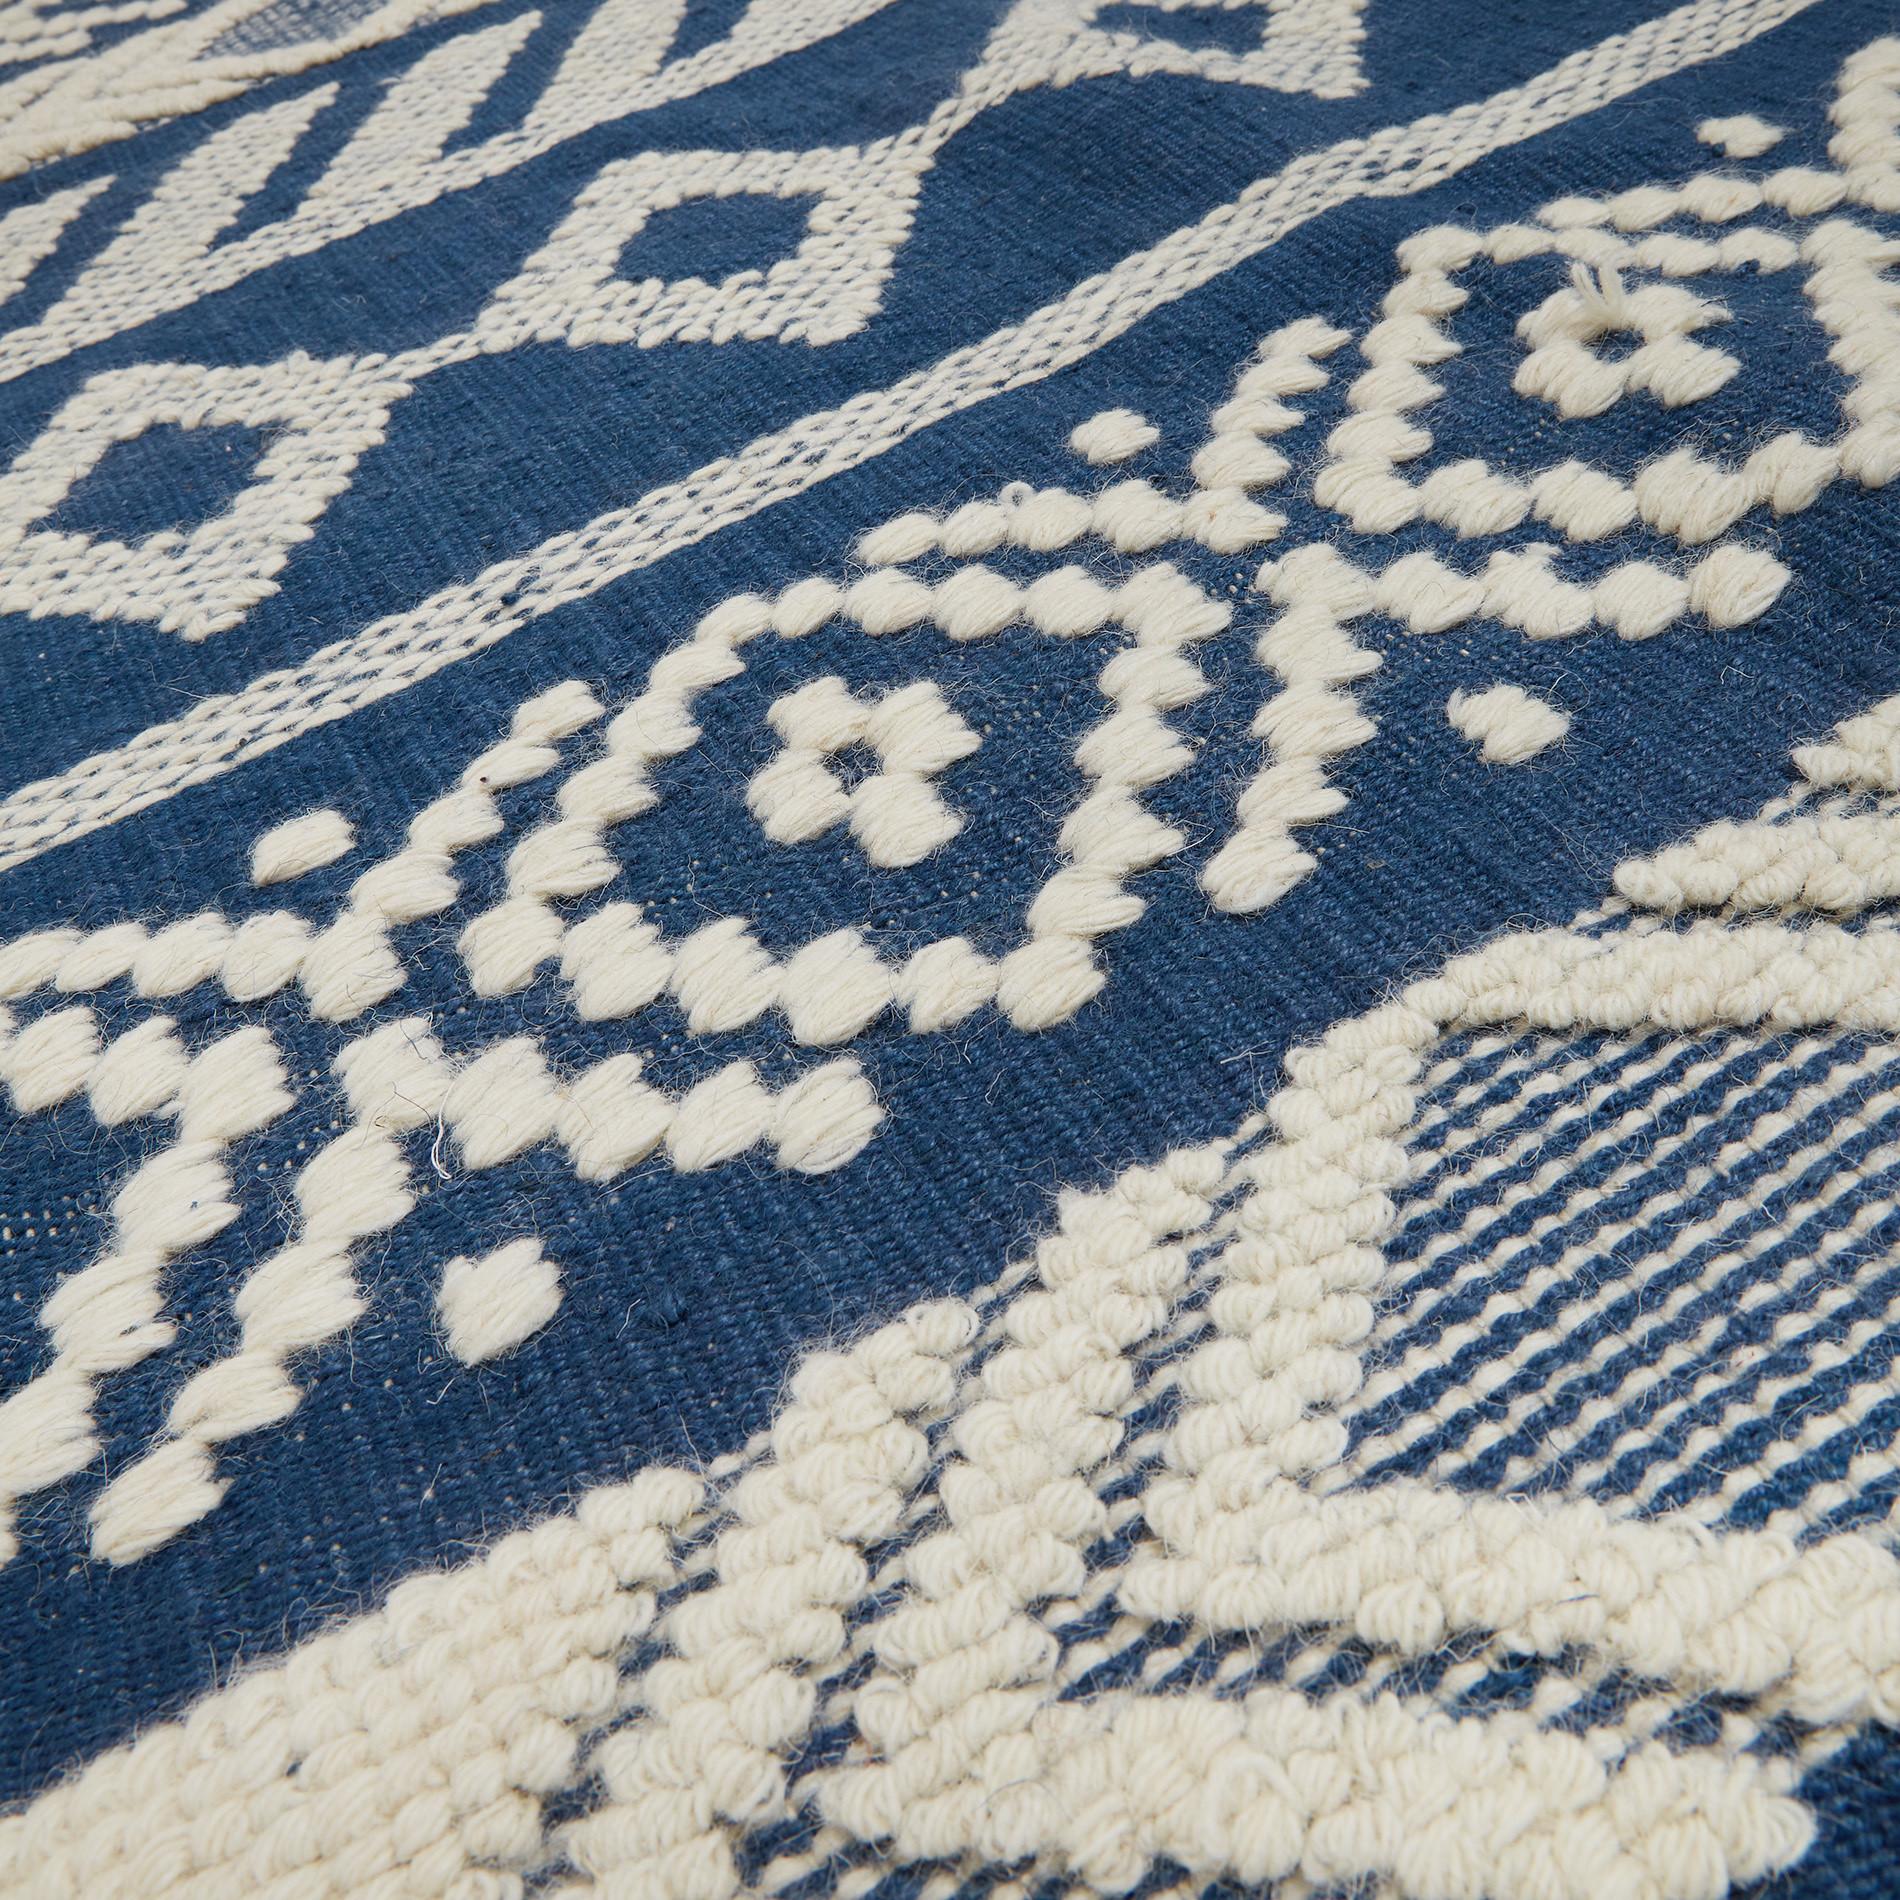 Tappeto juta e lana motivo geometrico, Blu, large image number 1